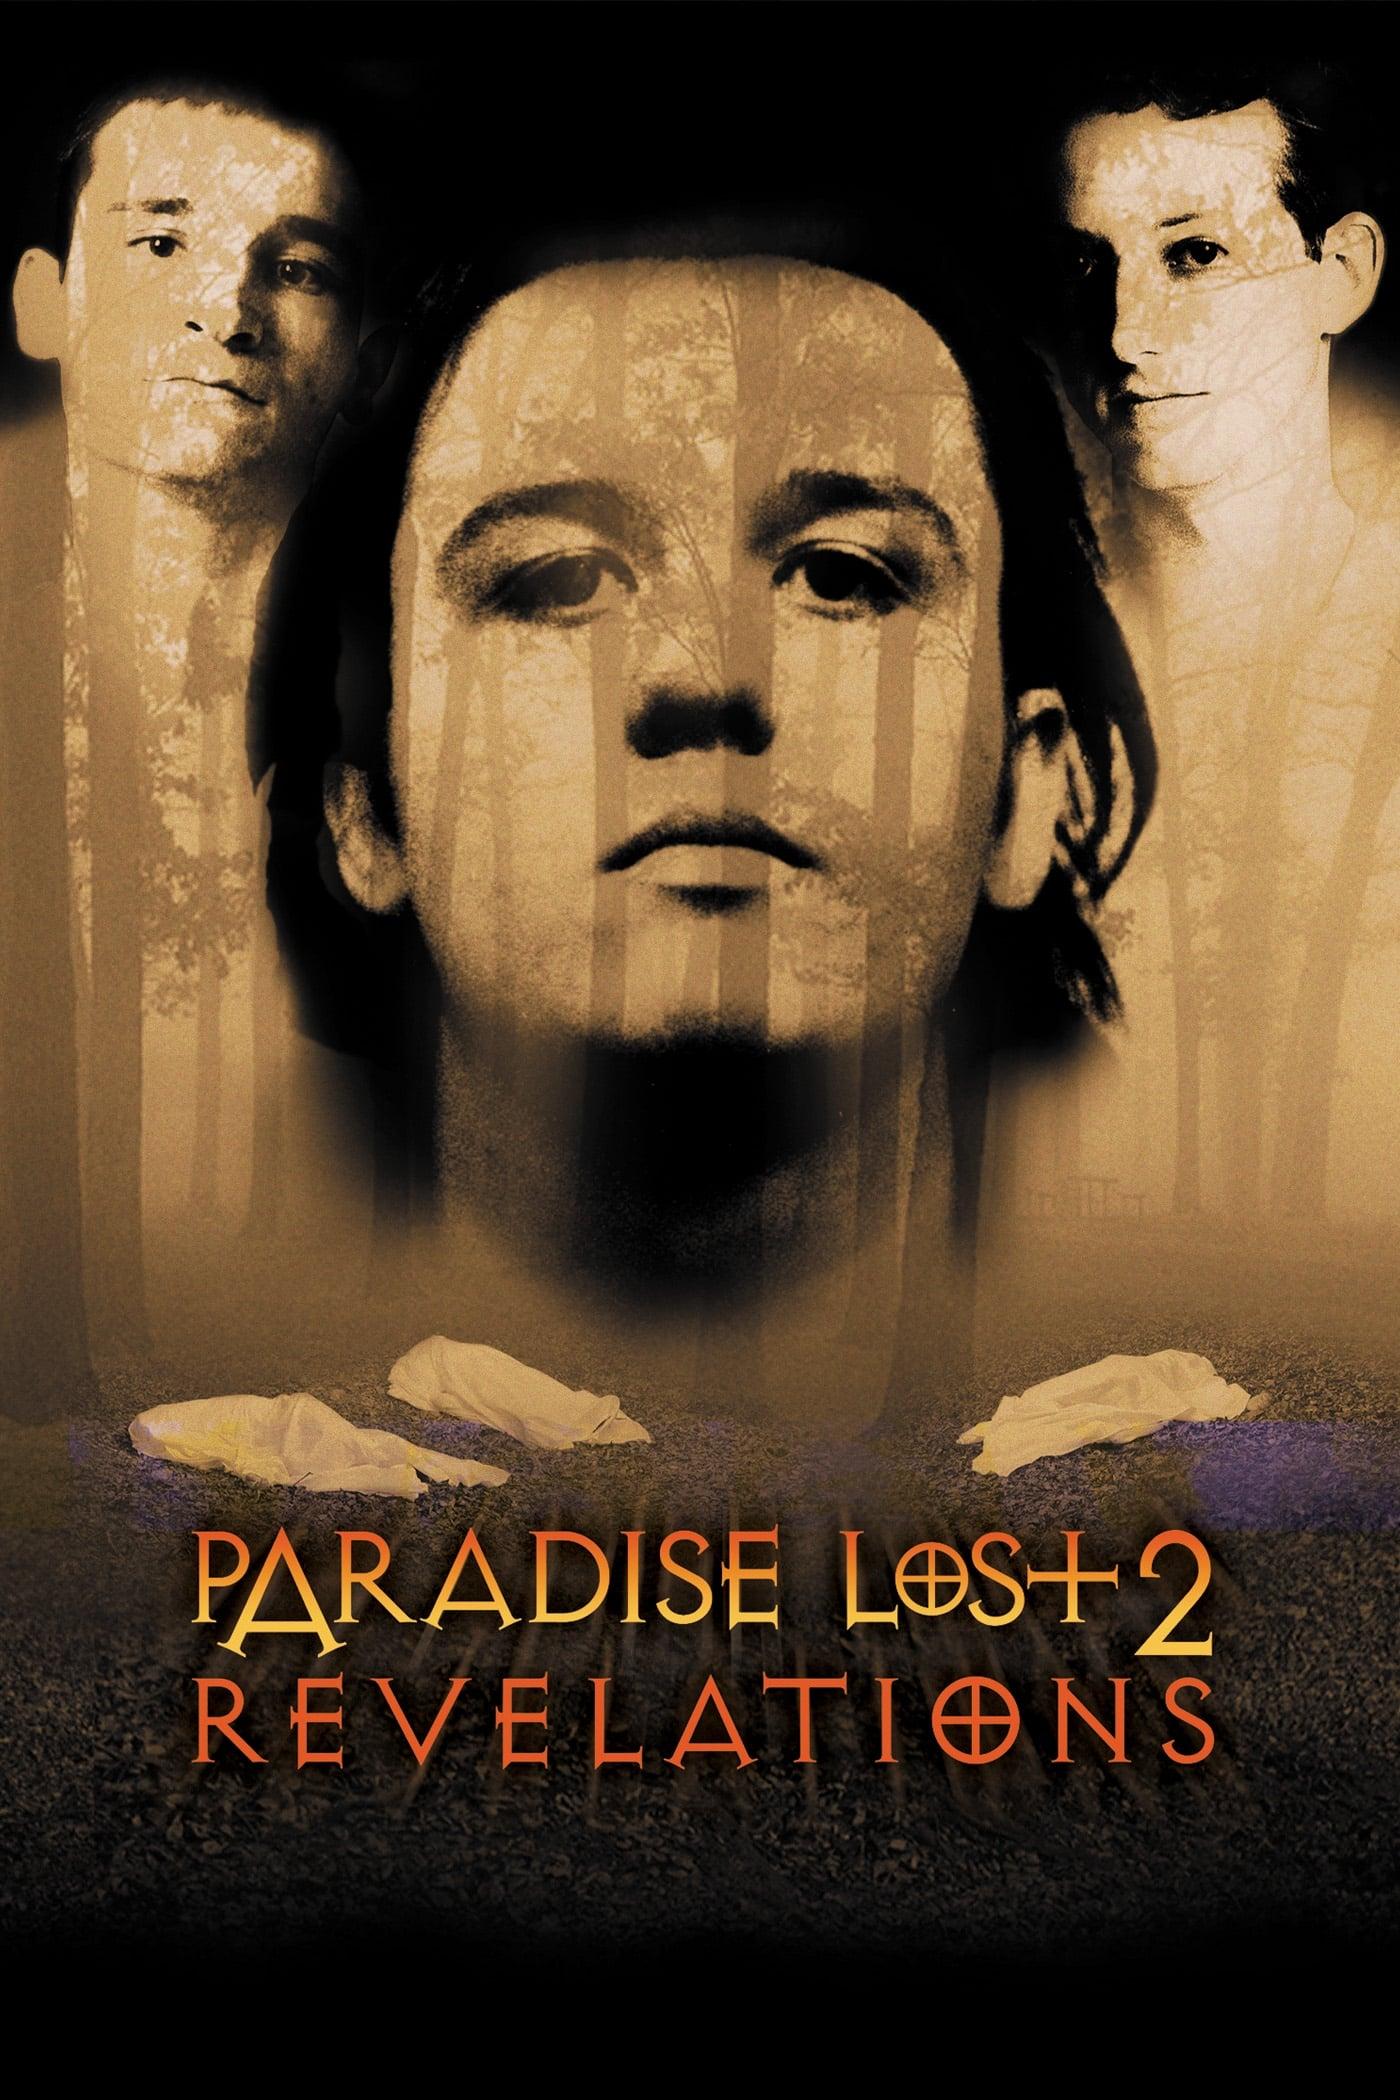 Paradise Lost 2: Revelaciones